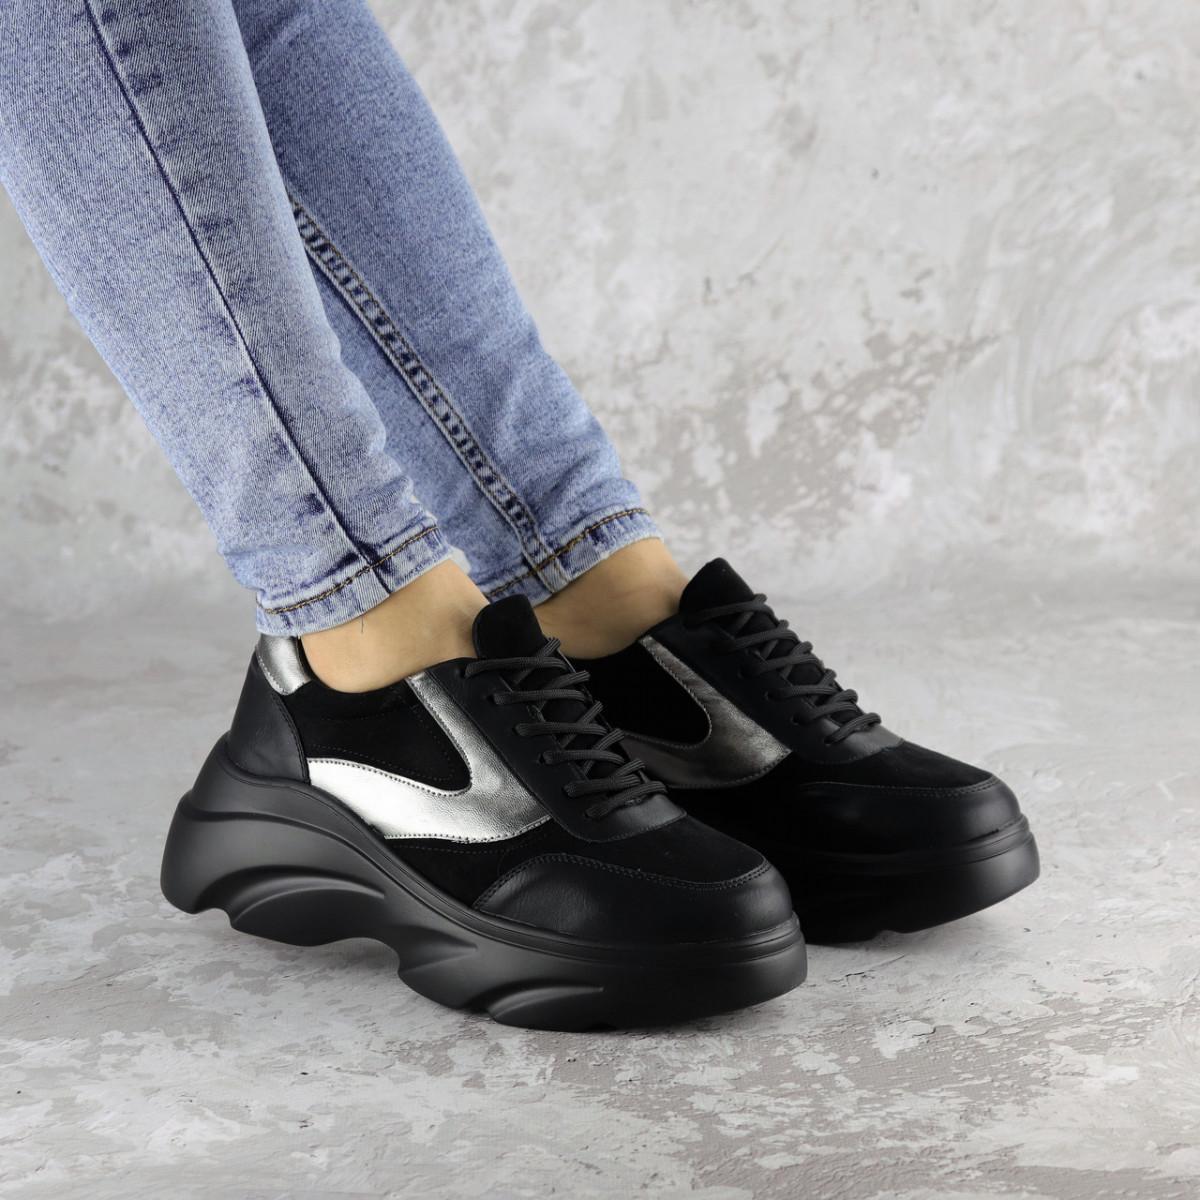 Жіночі кросівки Fashion Mandy 1342 36 розмір 23 см Чорний